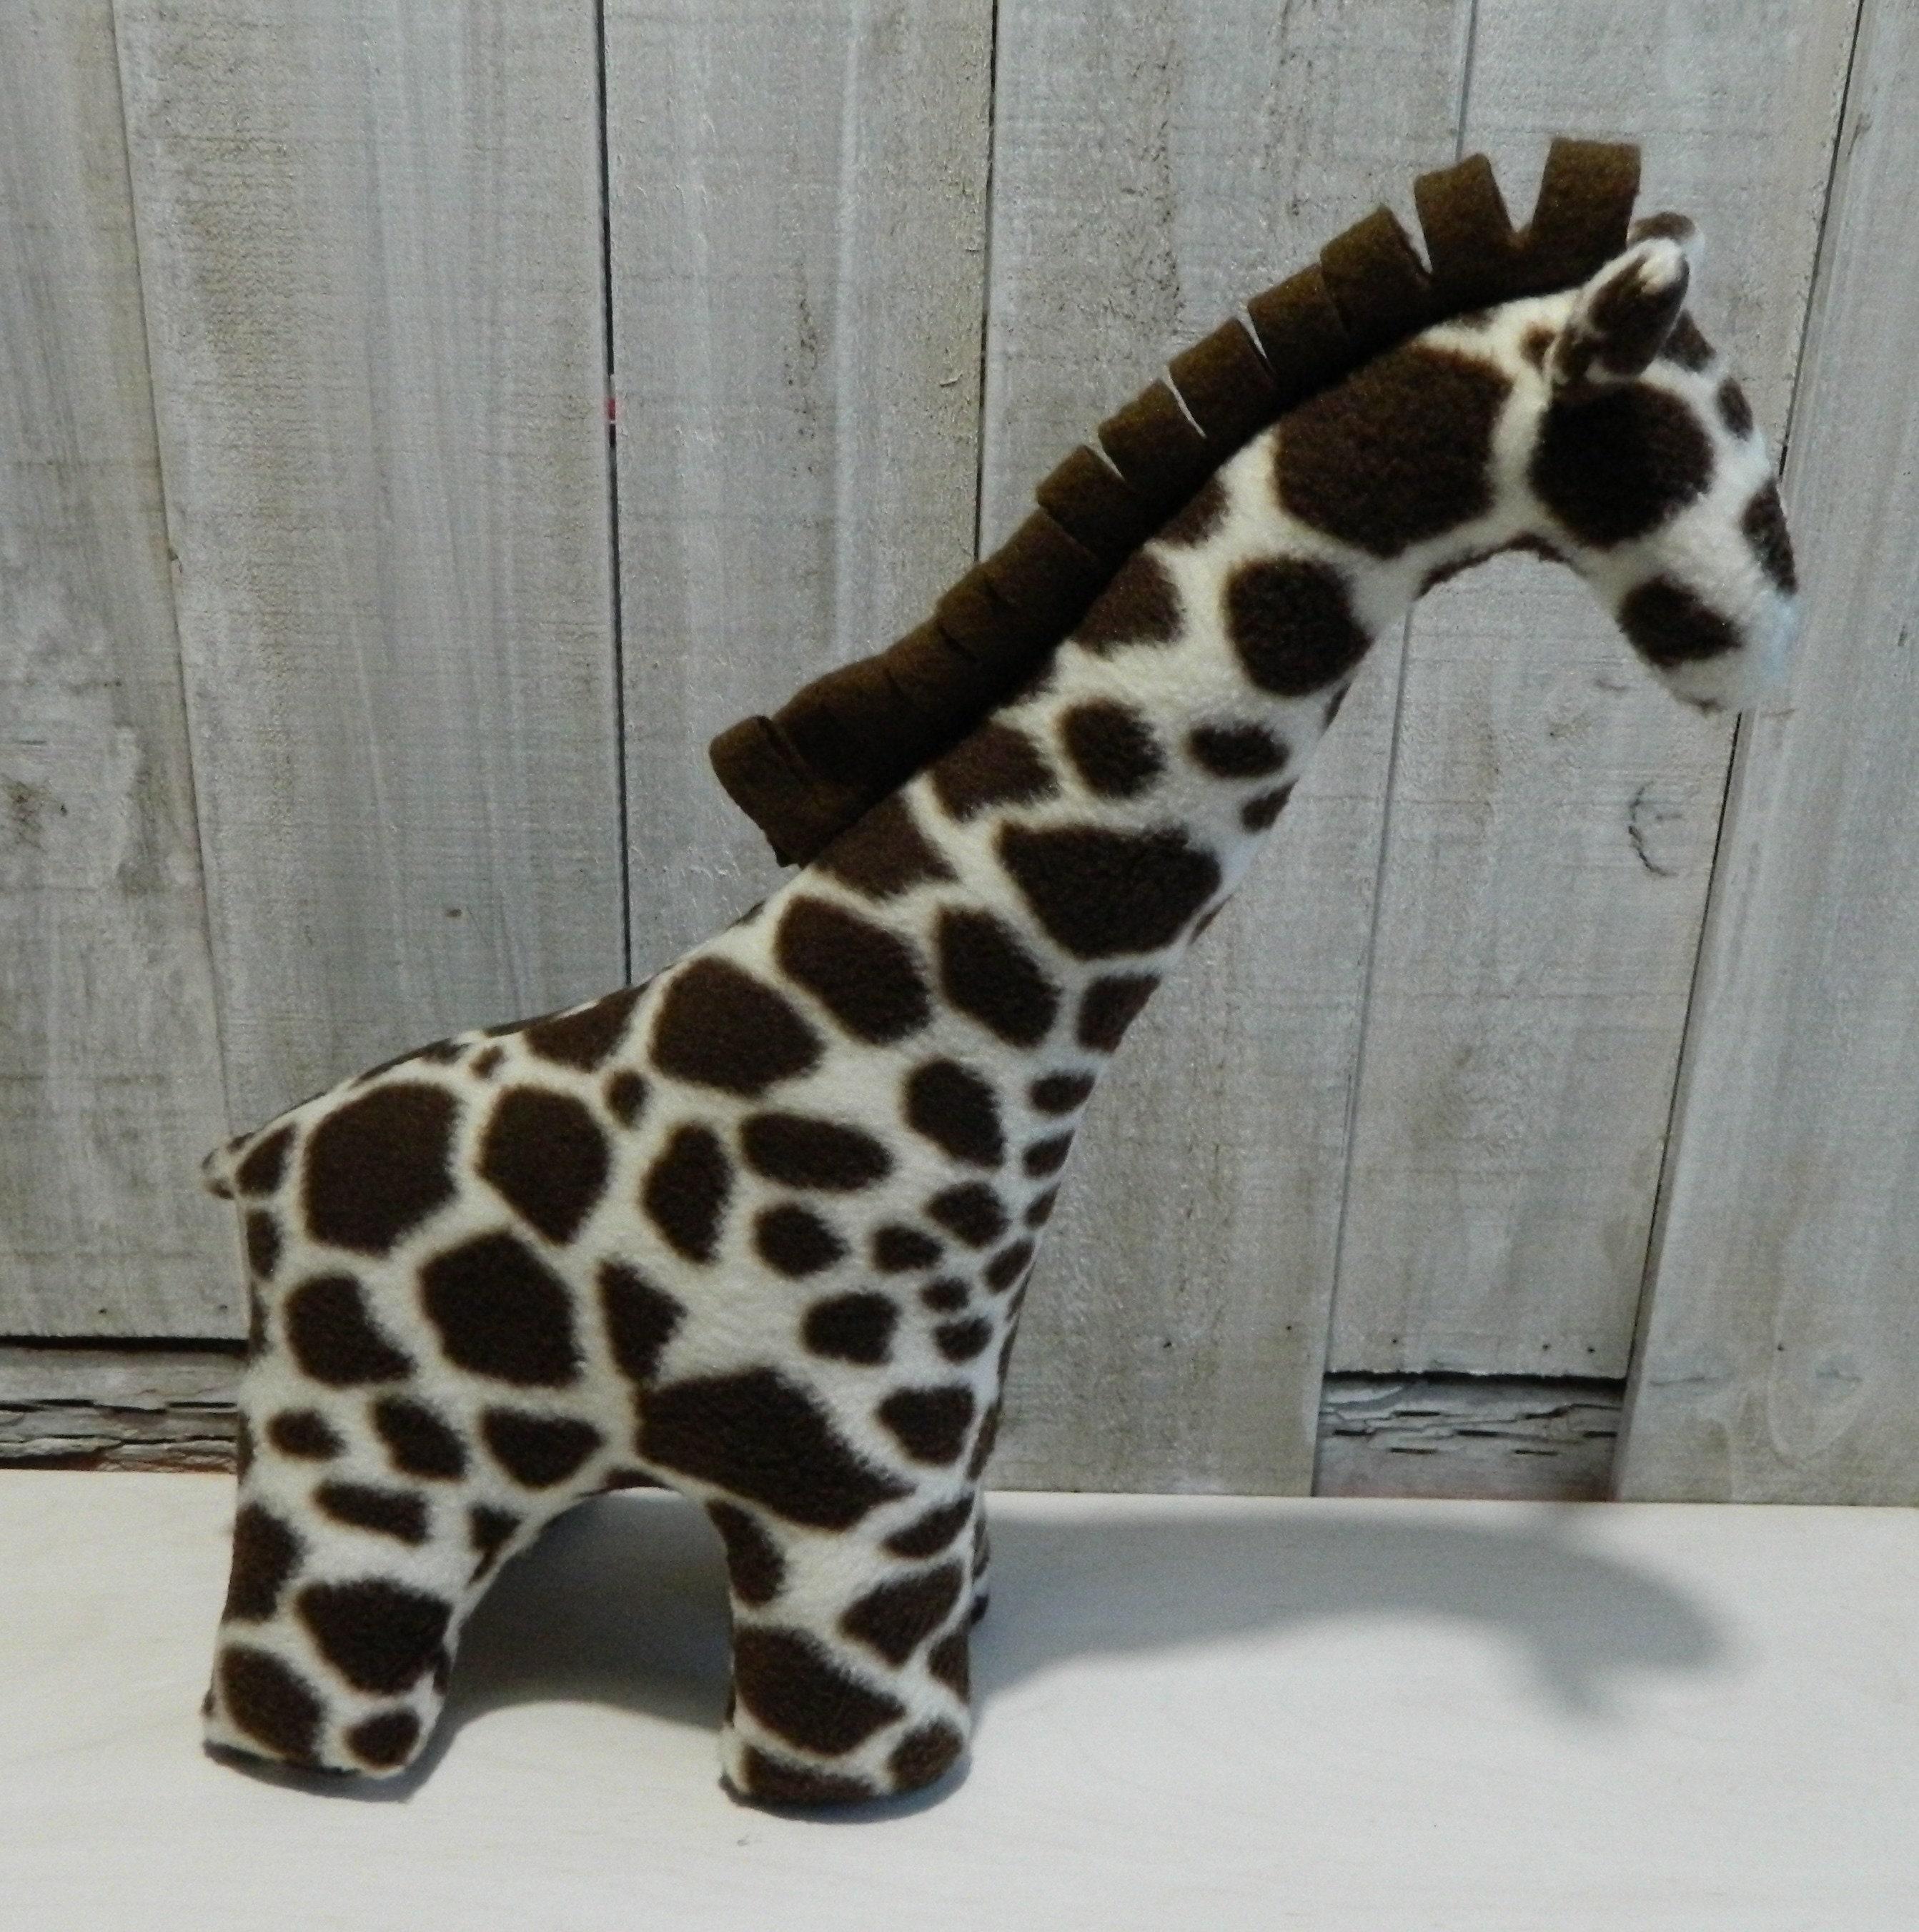 Small Stuffed Fleece Giraffe Toy Gift For Girls Gift For Boys